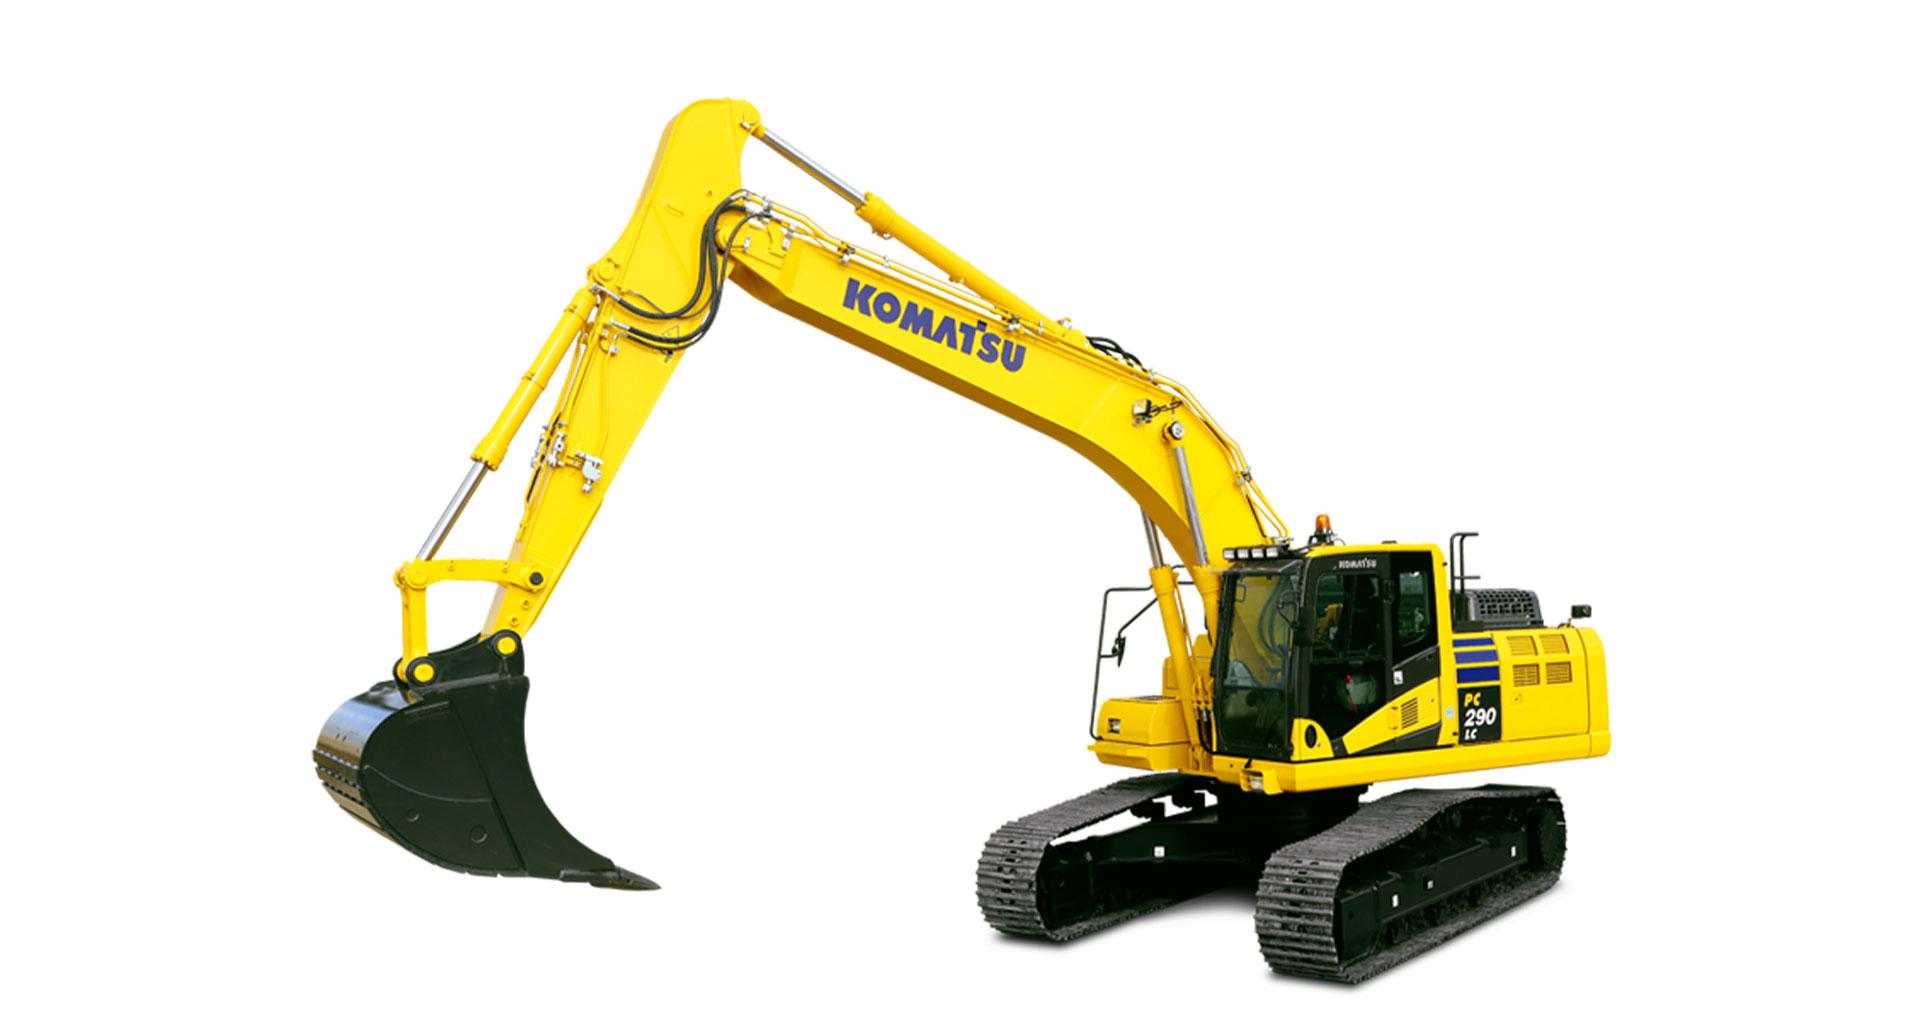 Escavatore cingolato Komatsu PC290LC/NLC-11